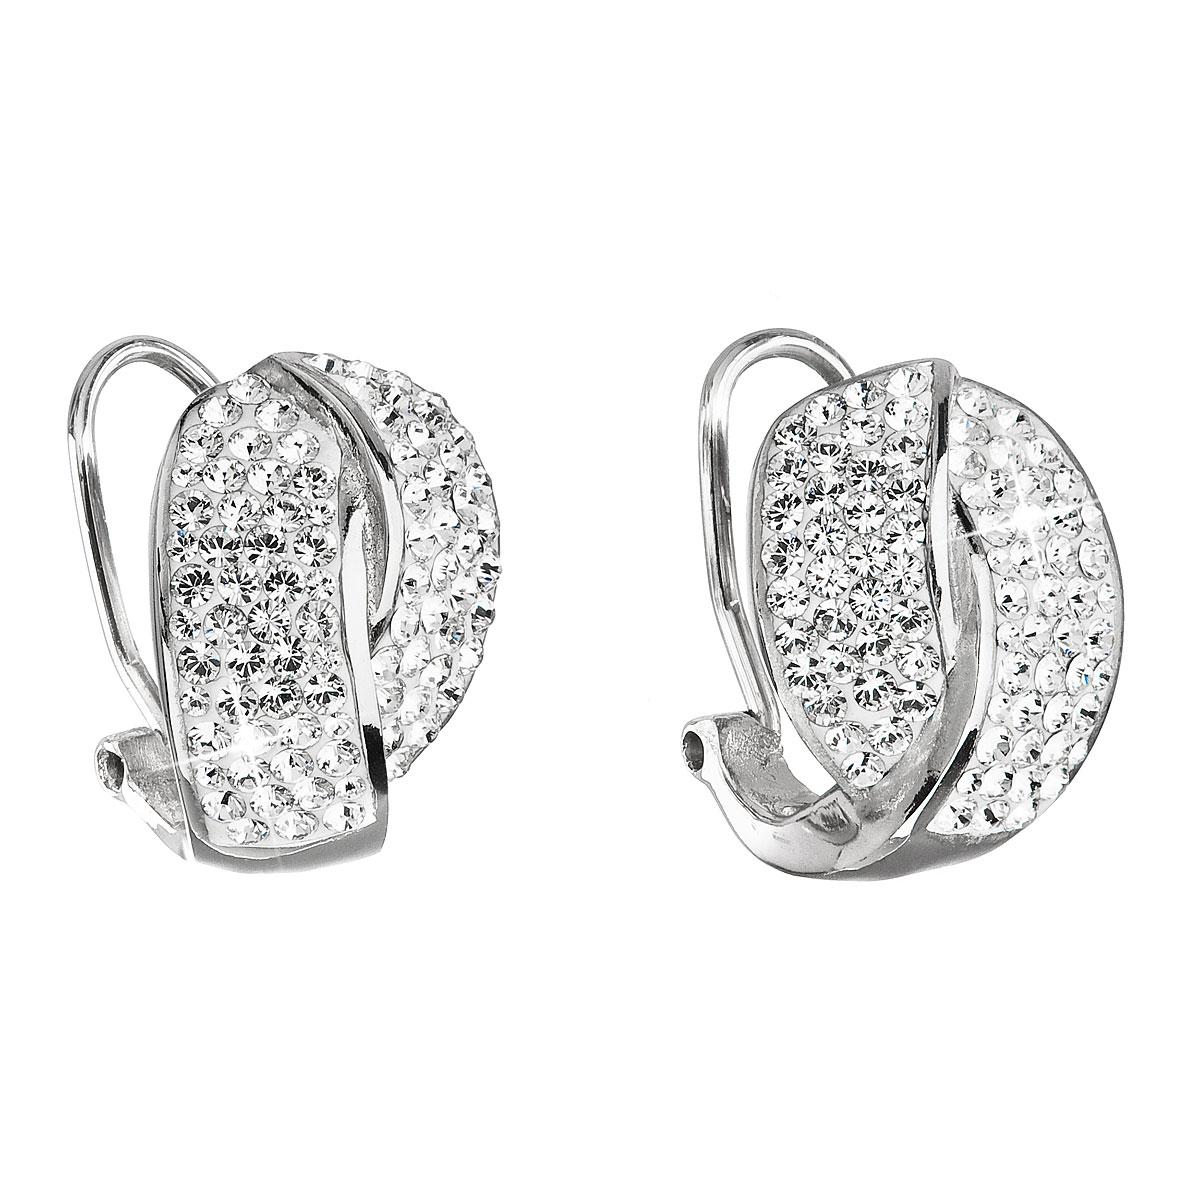 Evolution Group Stříbrné náušnice klipsy s krystaly Swarovski bílý uzel  31194.1 2a17992ff8